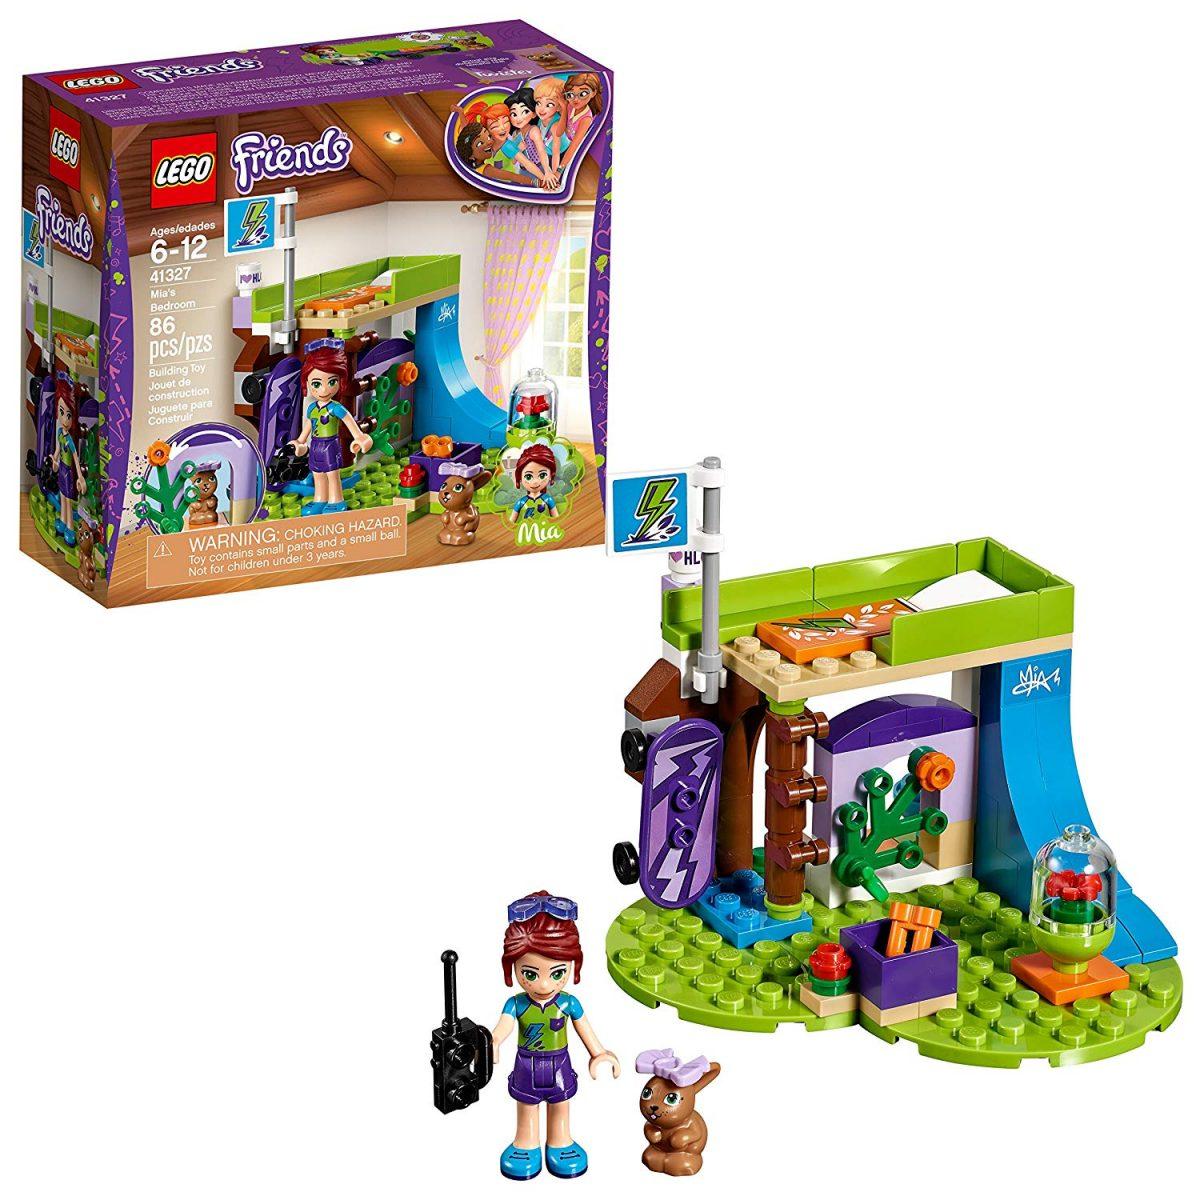 LEGO Mia set